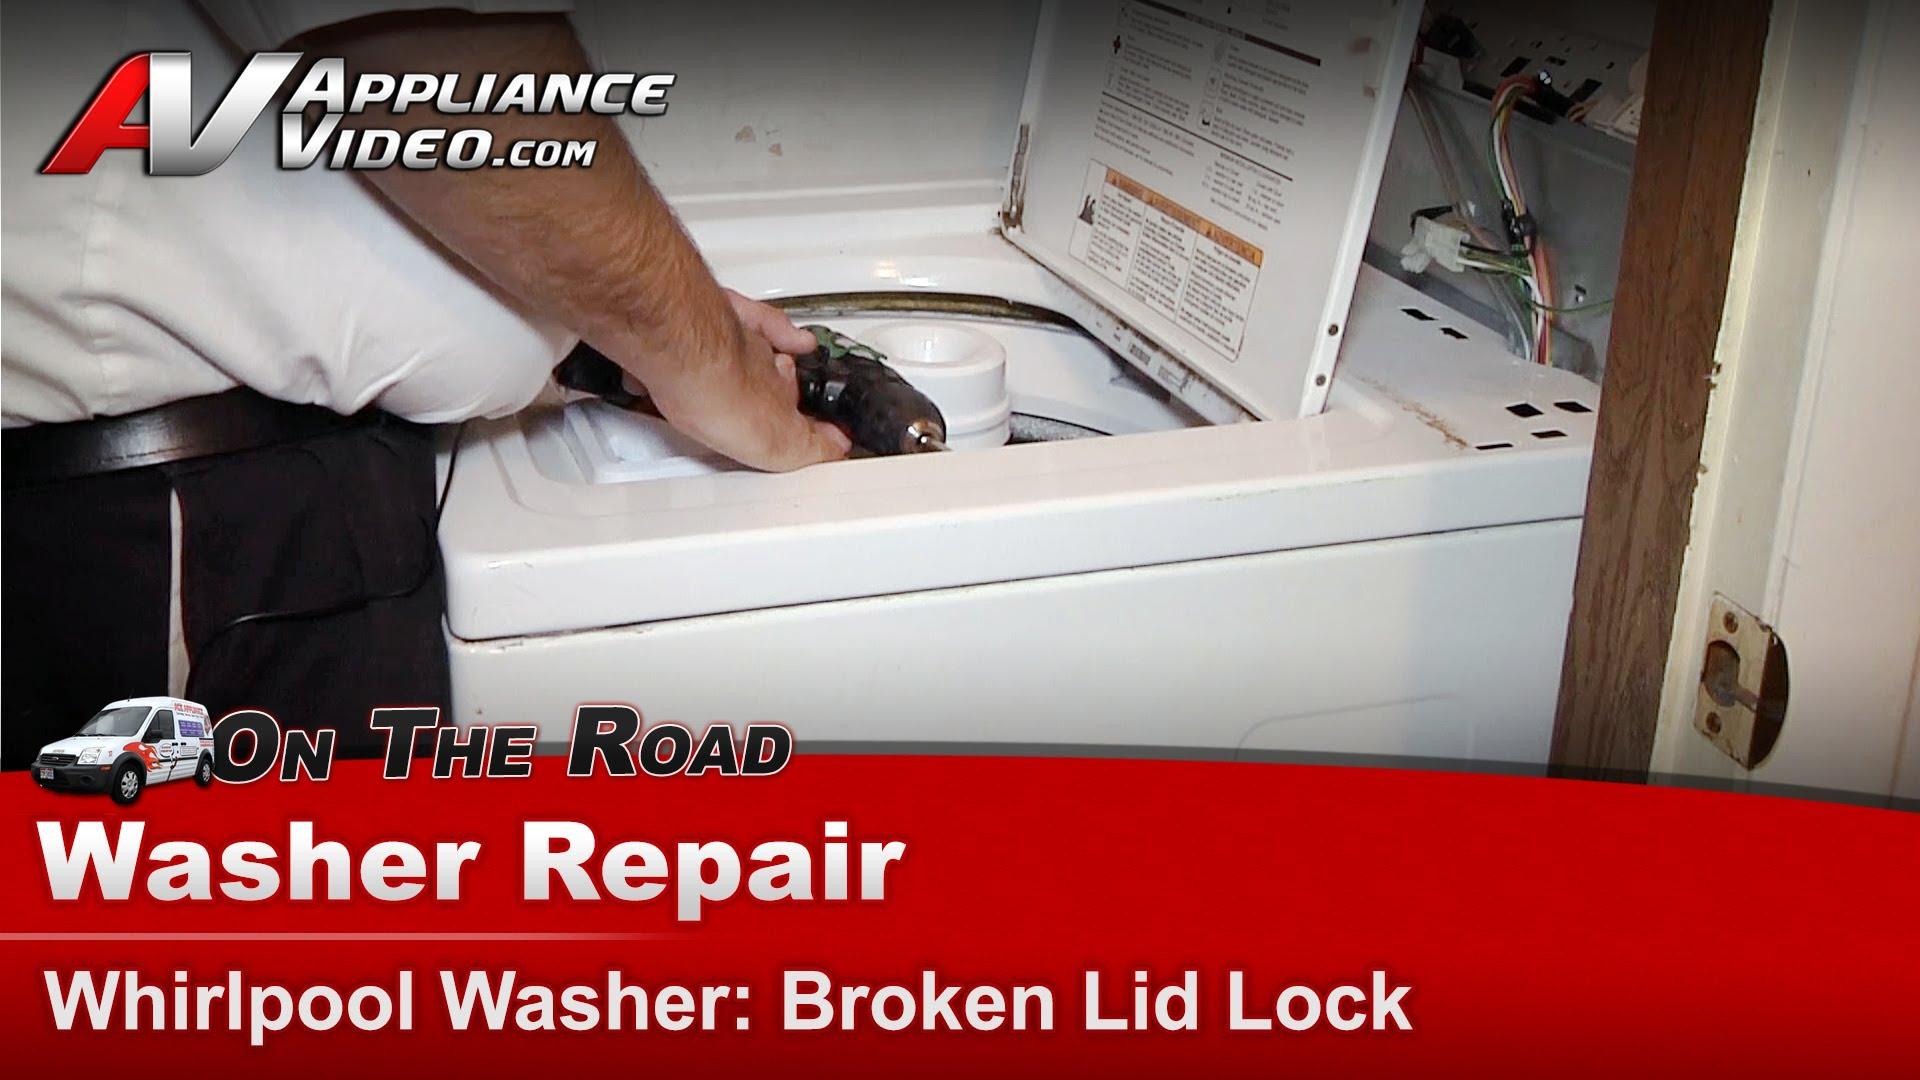 Whirlpool LSR8433KQ0 Washer Repair – Broken lid lock – Lid